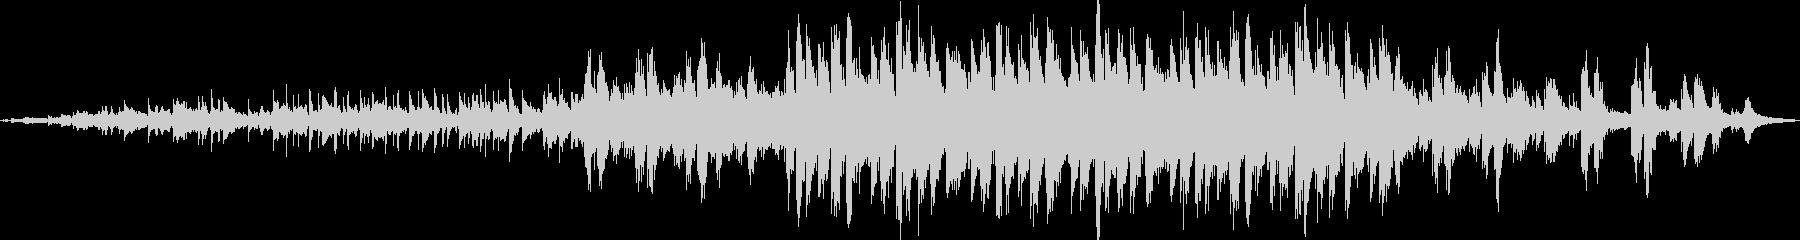 木琴の音から始まる壮大でかわいい曲の未再生の波形